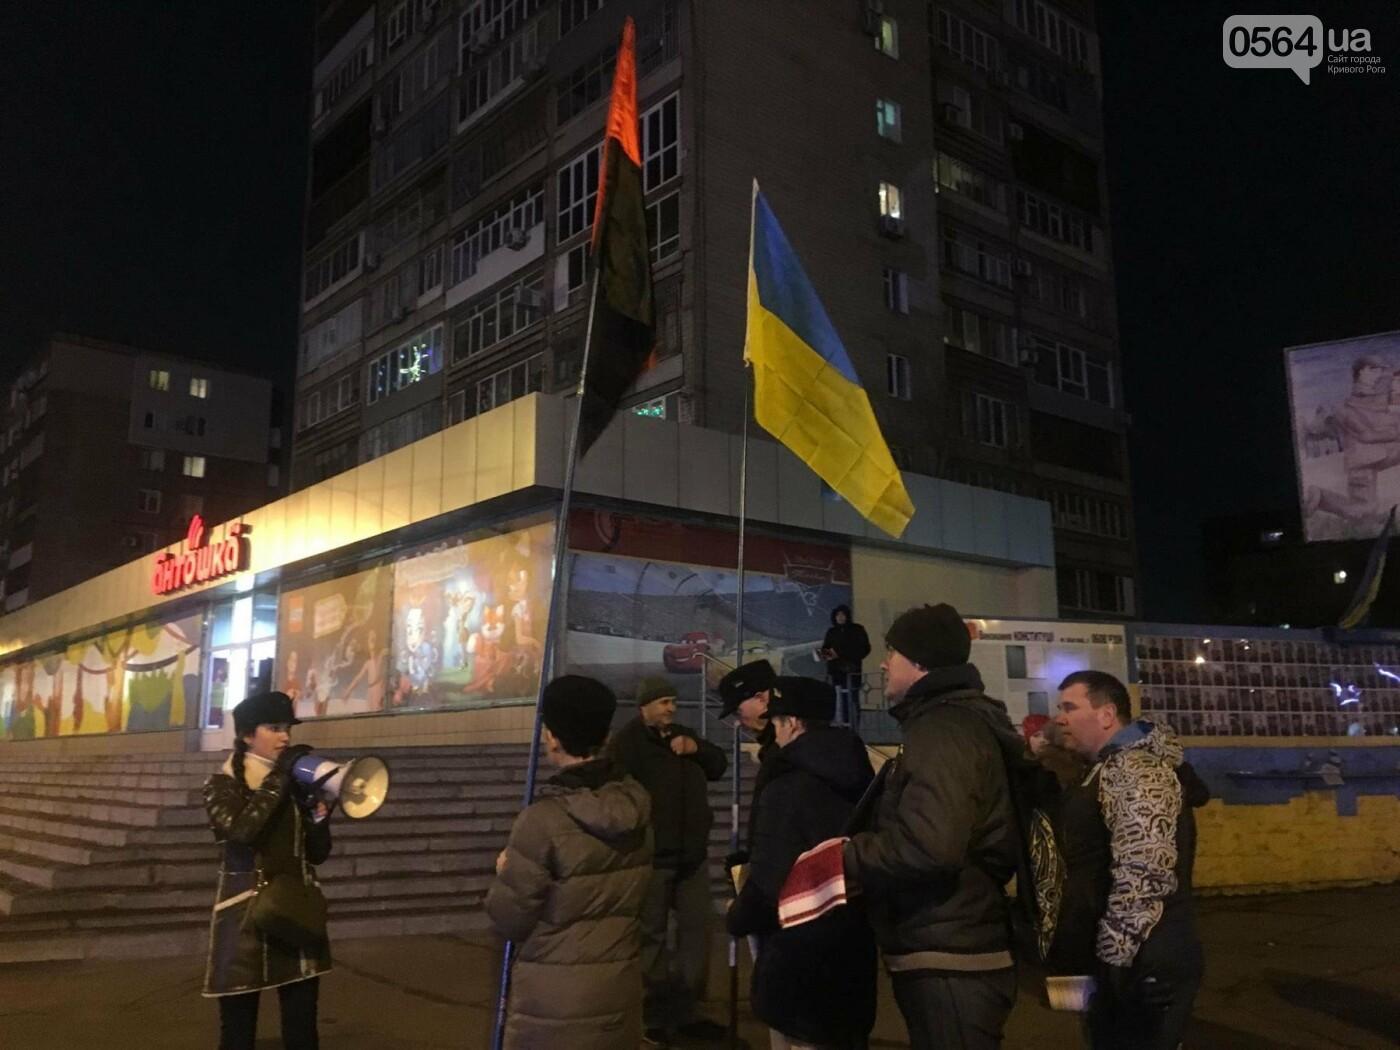 В Кривом Роге проходит Факельный марш в честь Дня рождения Степана Бандеры (ФОТО, ВИДЕО), фото-20